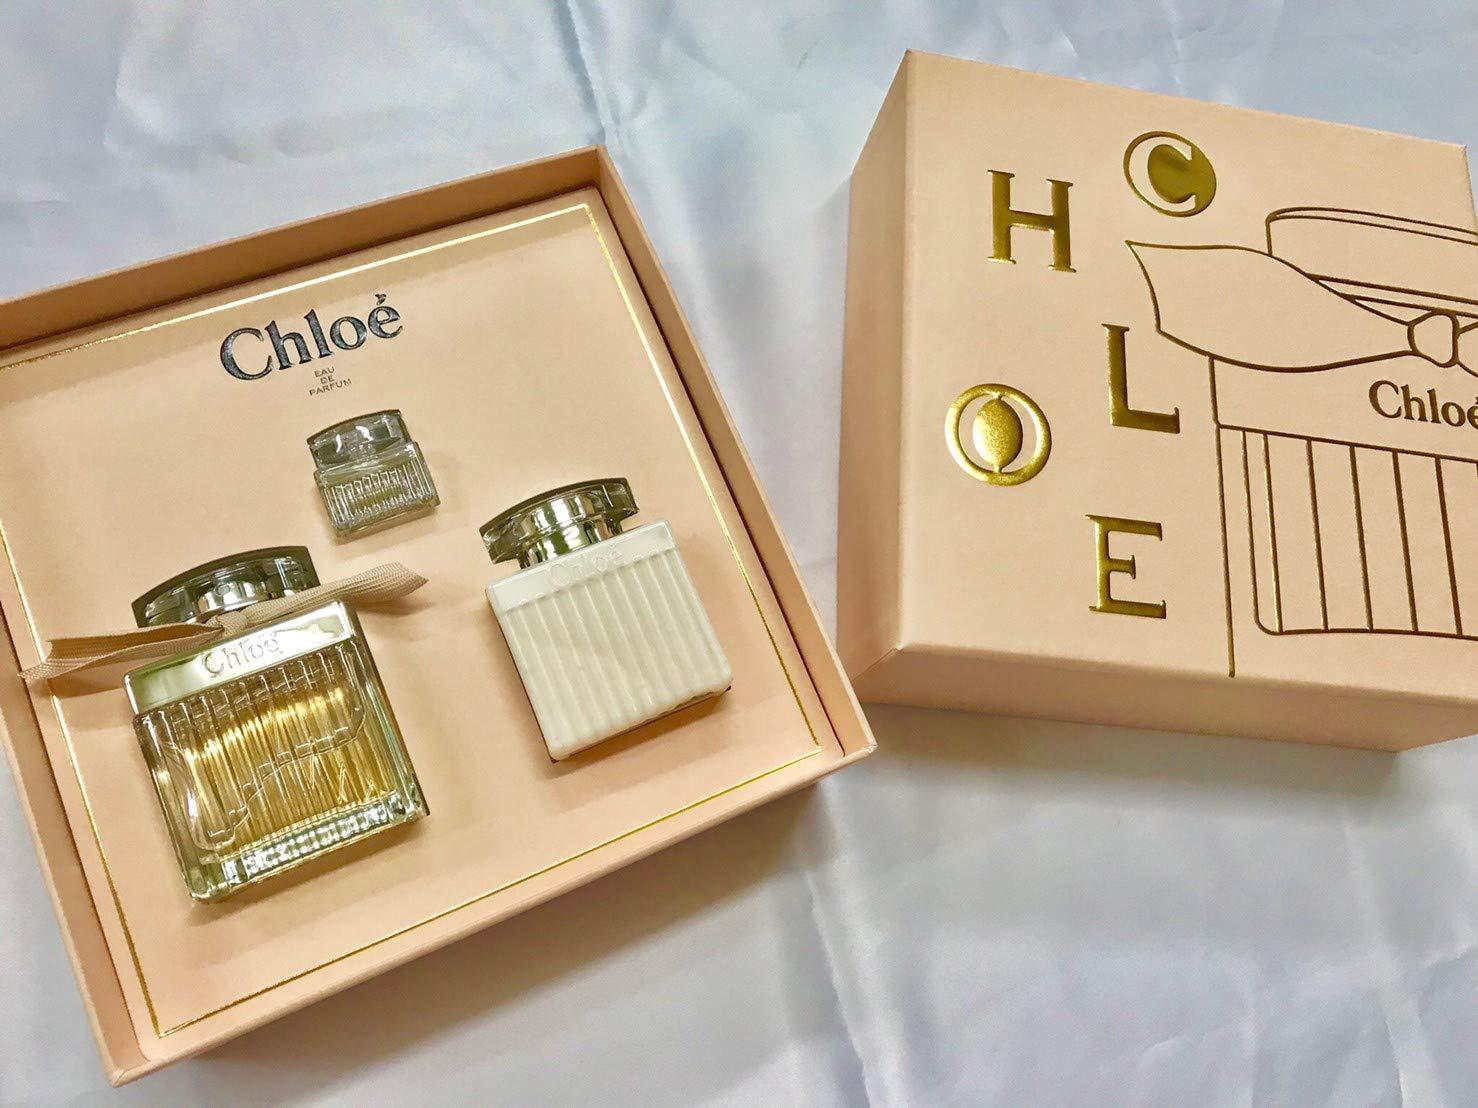 Chloé 3 Piece Gift Set Eau de Parfum 2.5 oz, Body Lotion 3.4 oz, Deluxe Mini